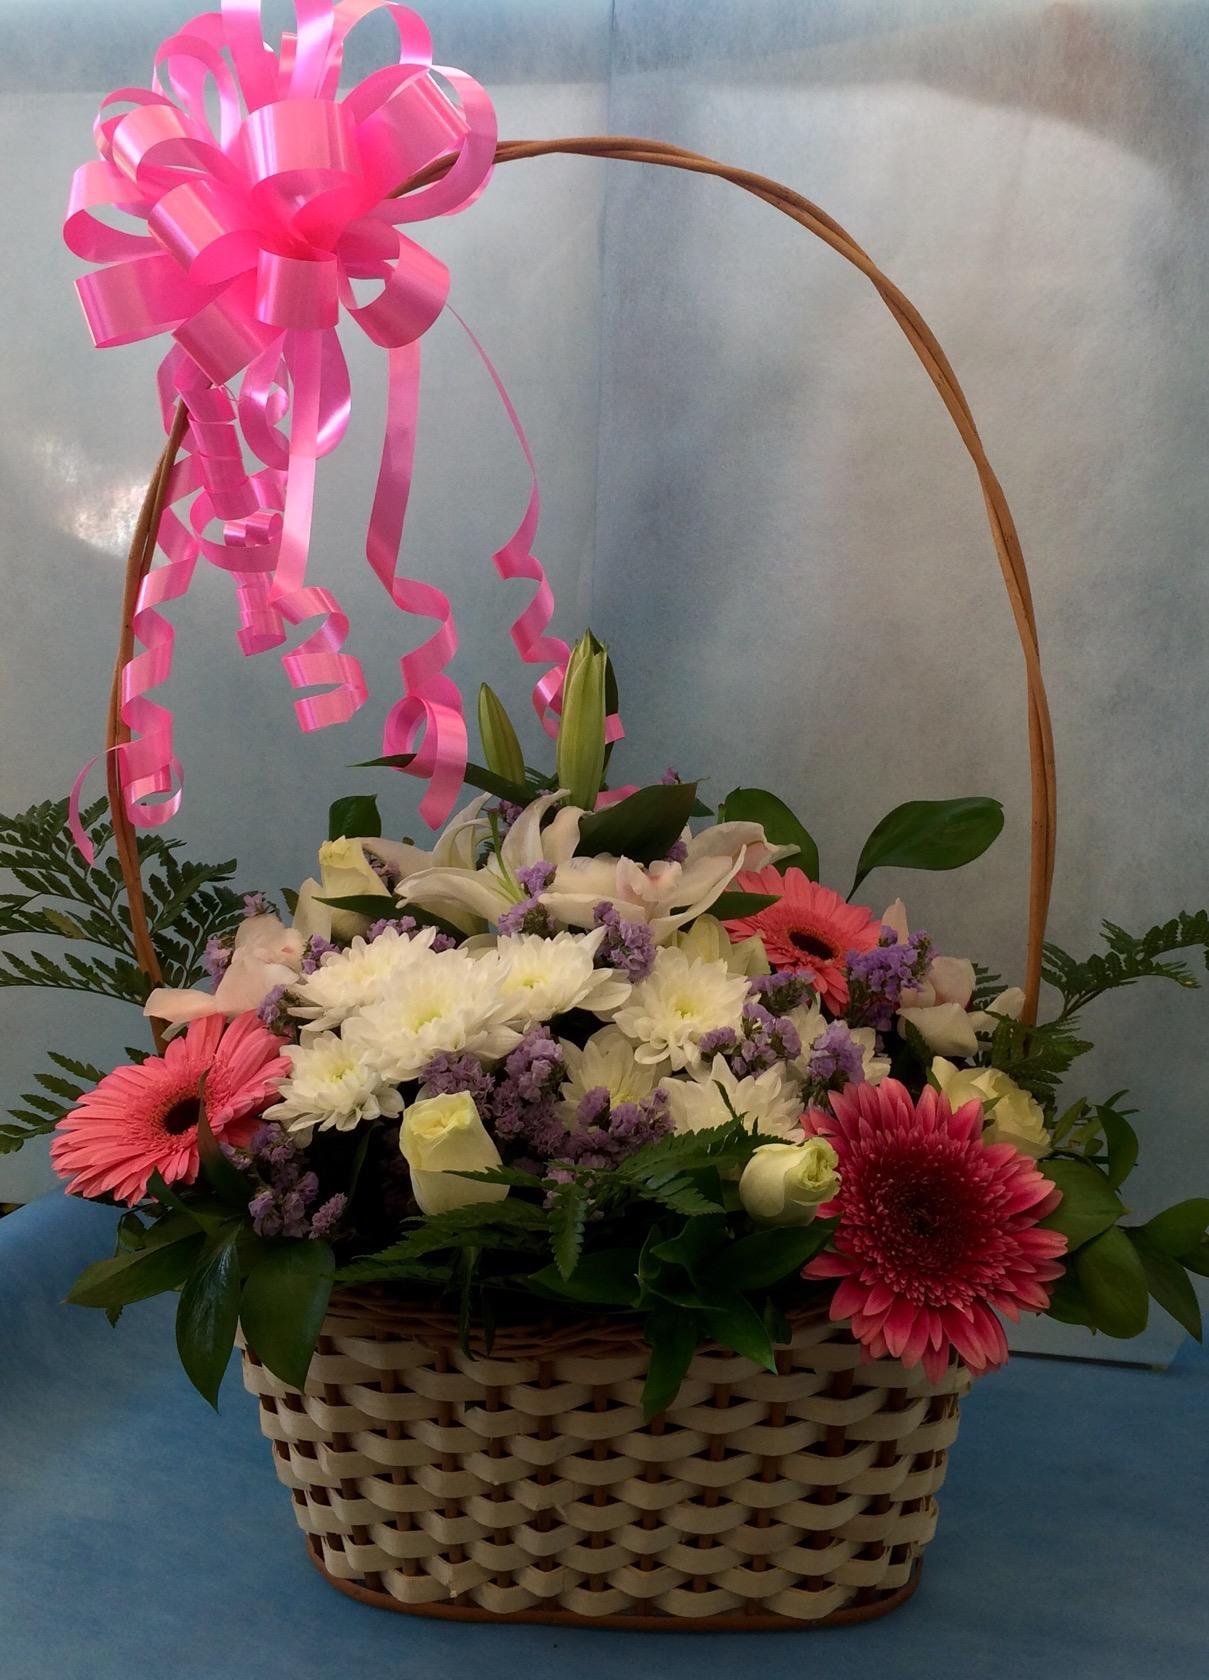 Подольск часа можайск доставка цветов магазин цветов круглосуточно